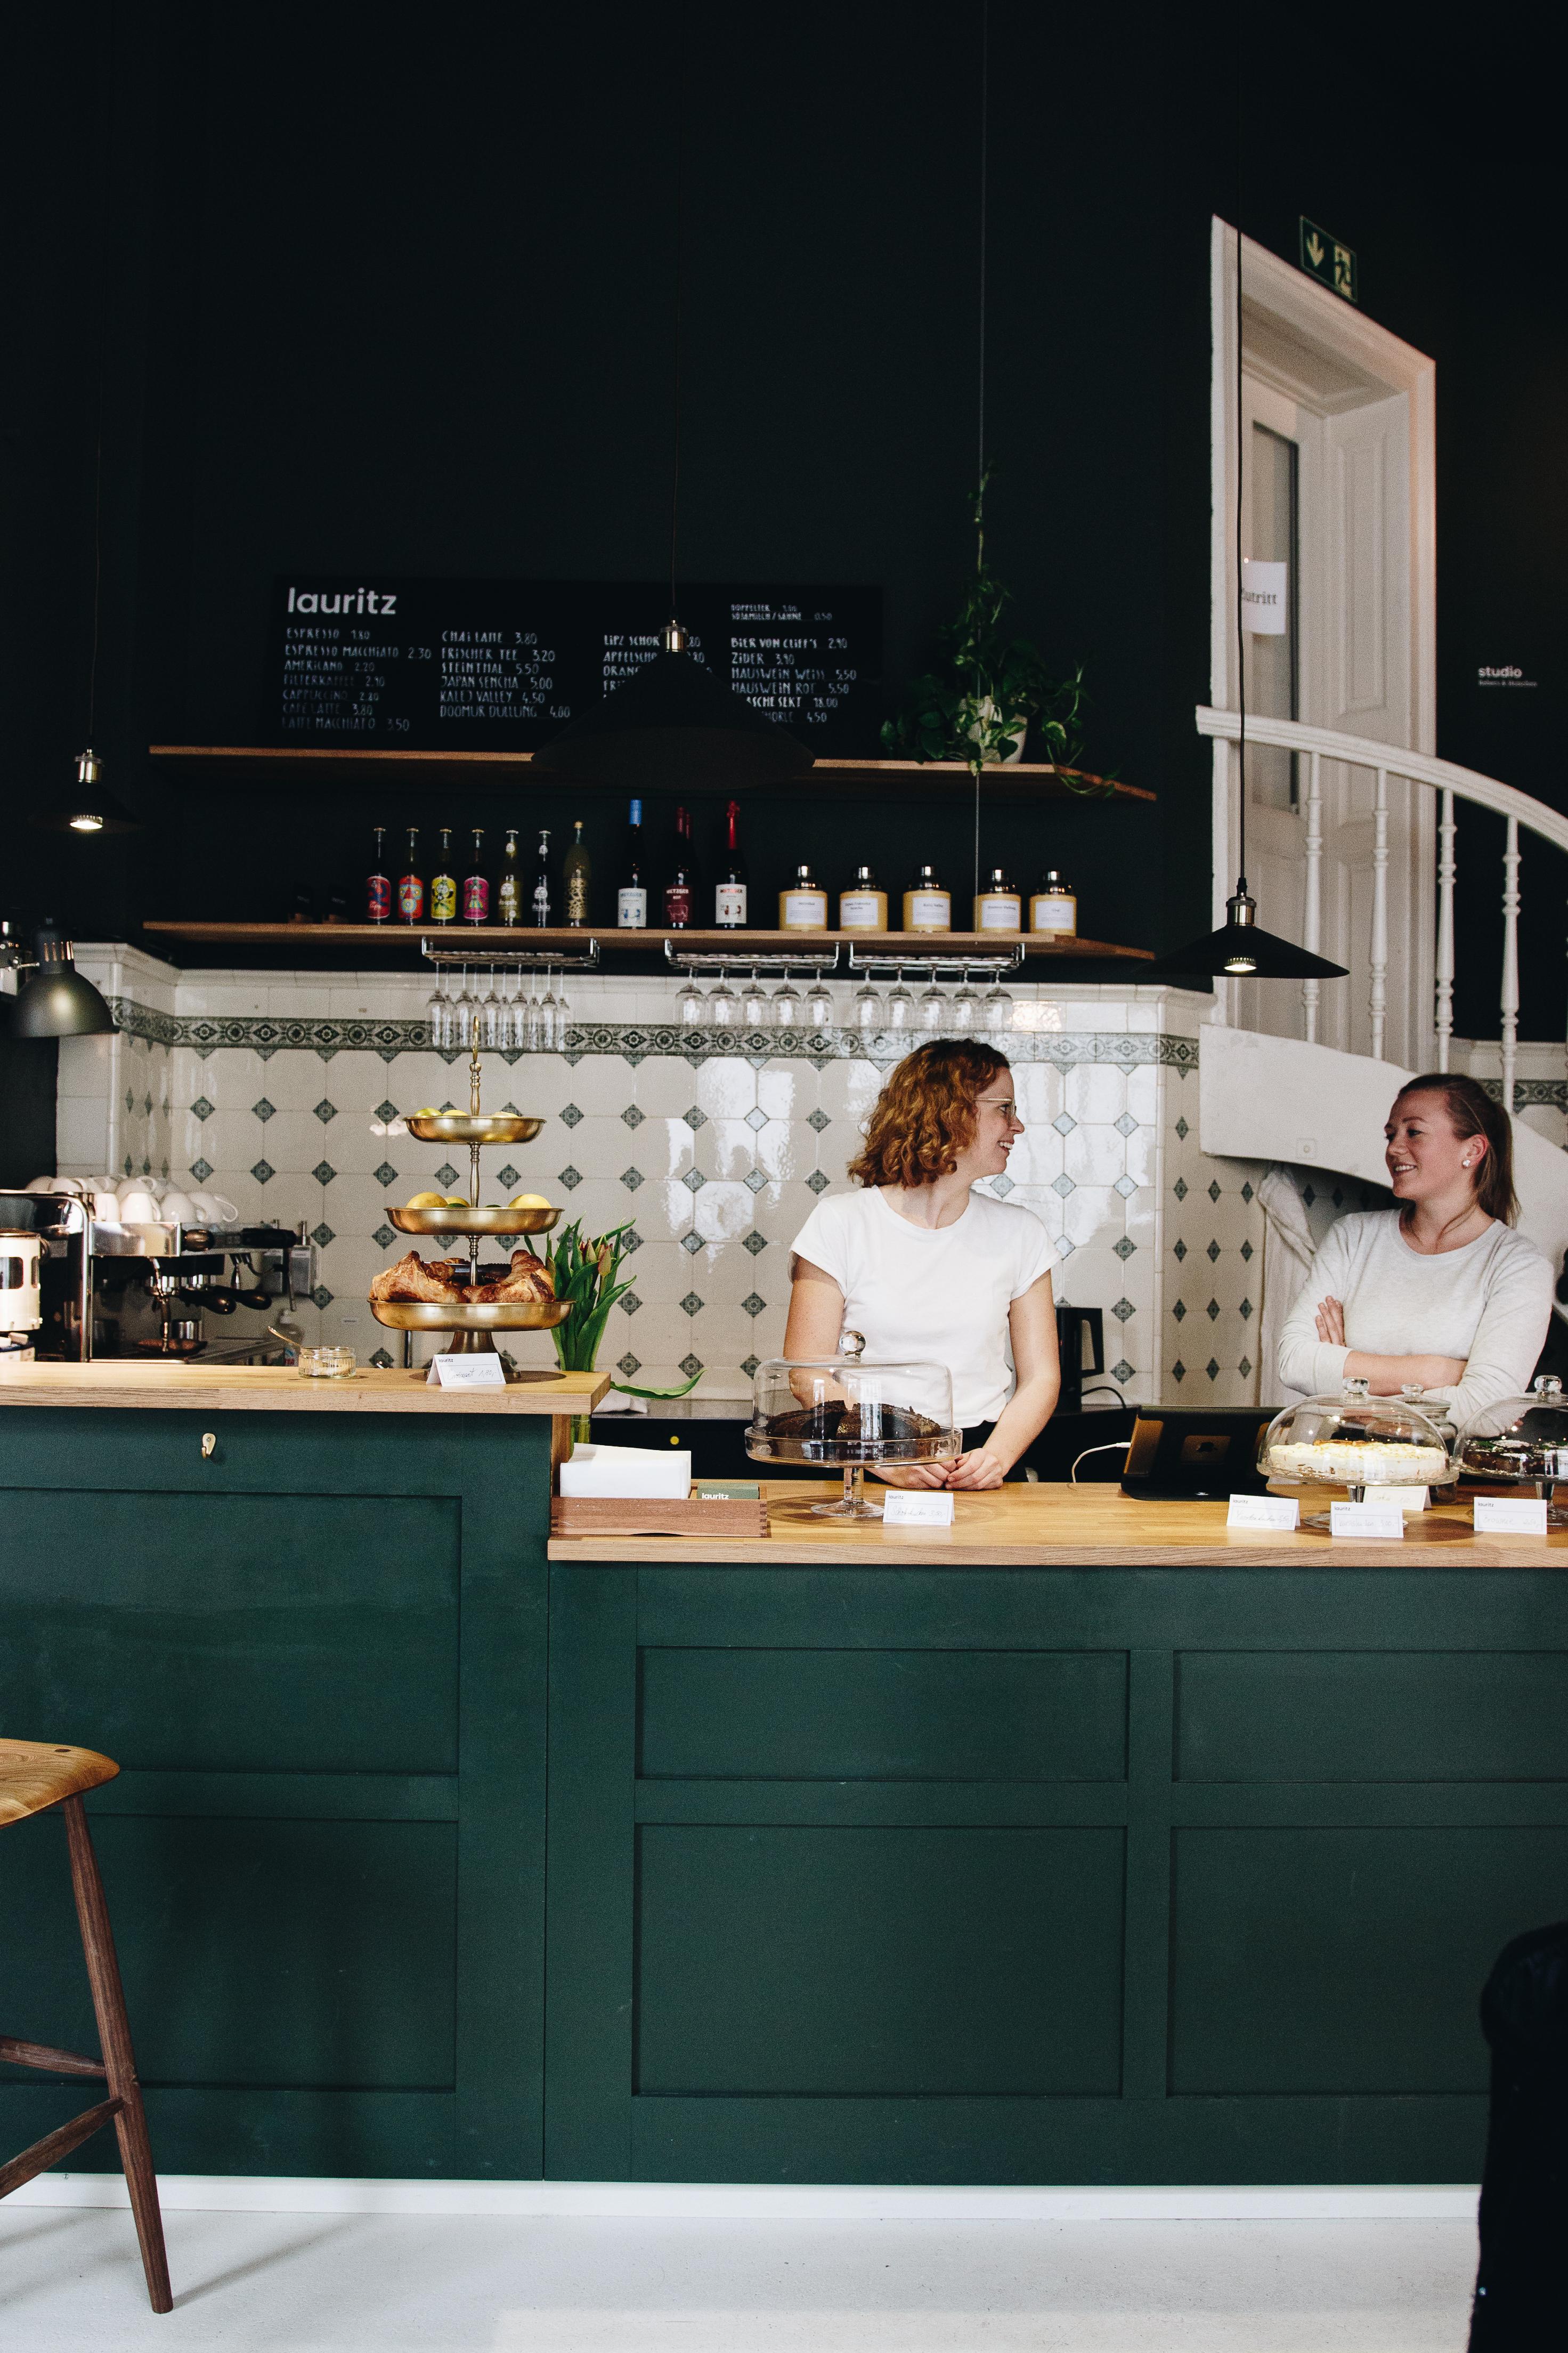 lauritz-café-handwerk-leipzig-annabelle sagt21